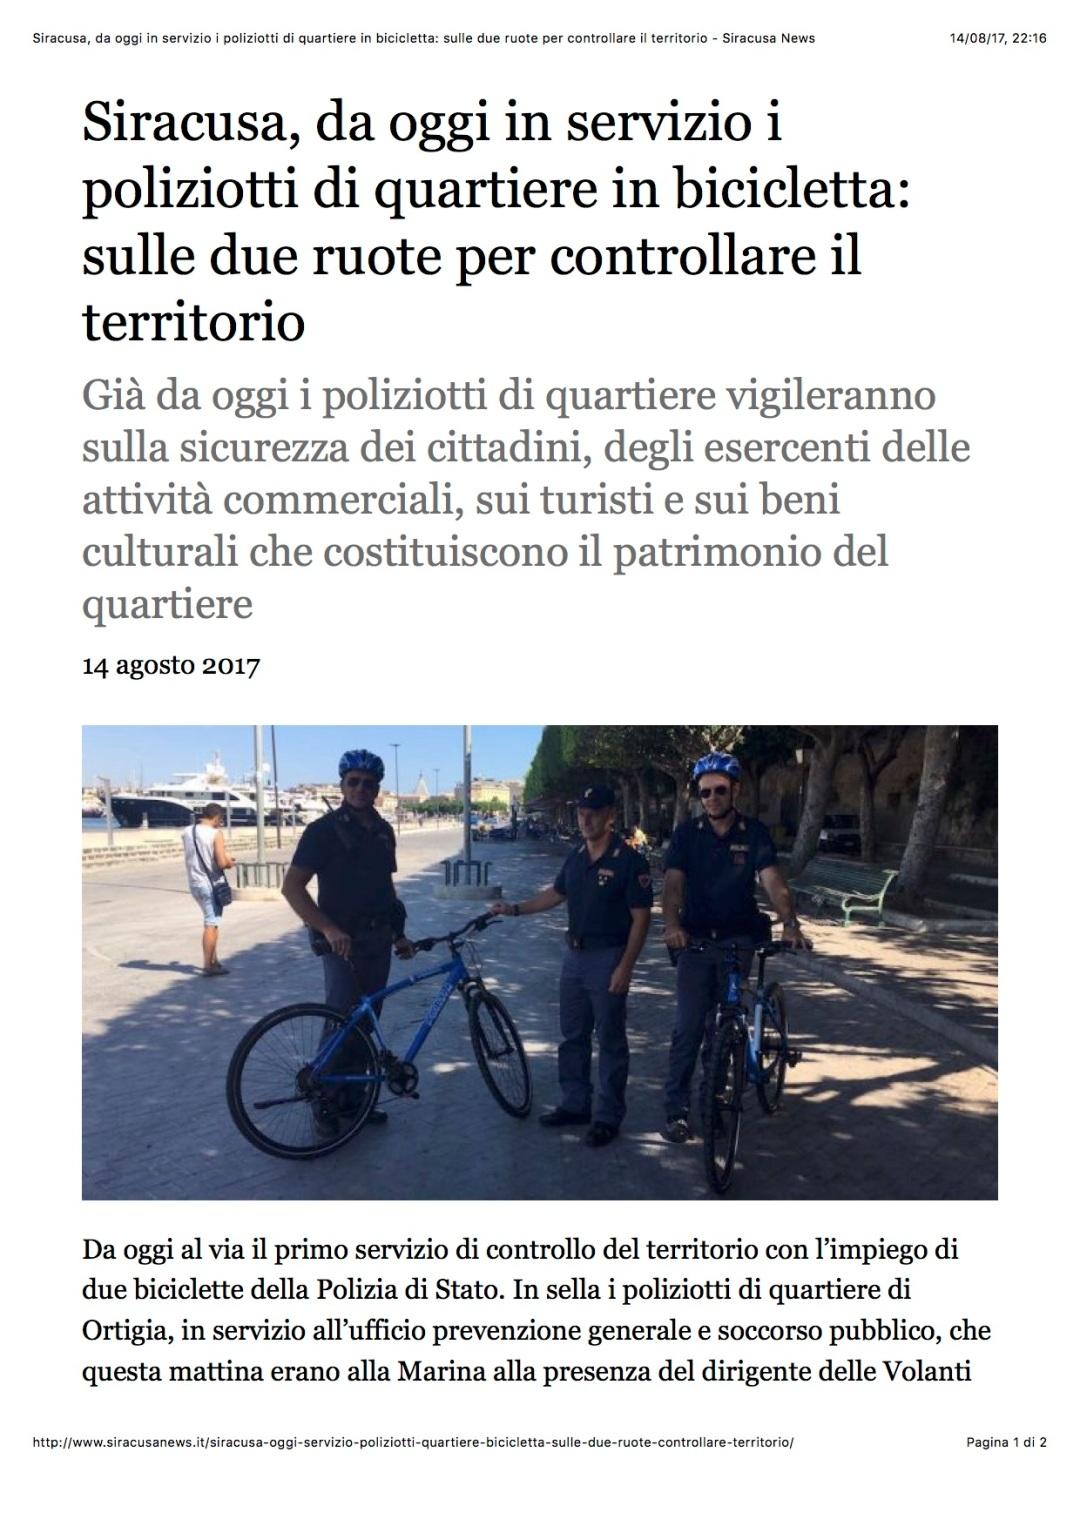 2017-08-14 Consegna Bici PS Ortigia 3